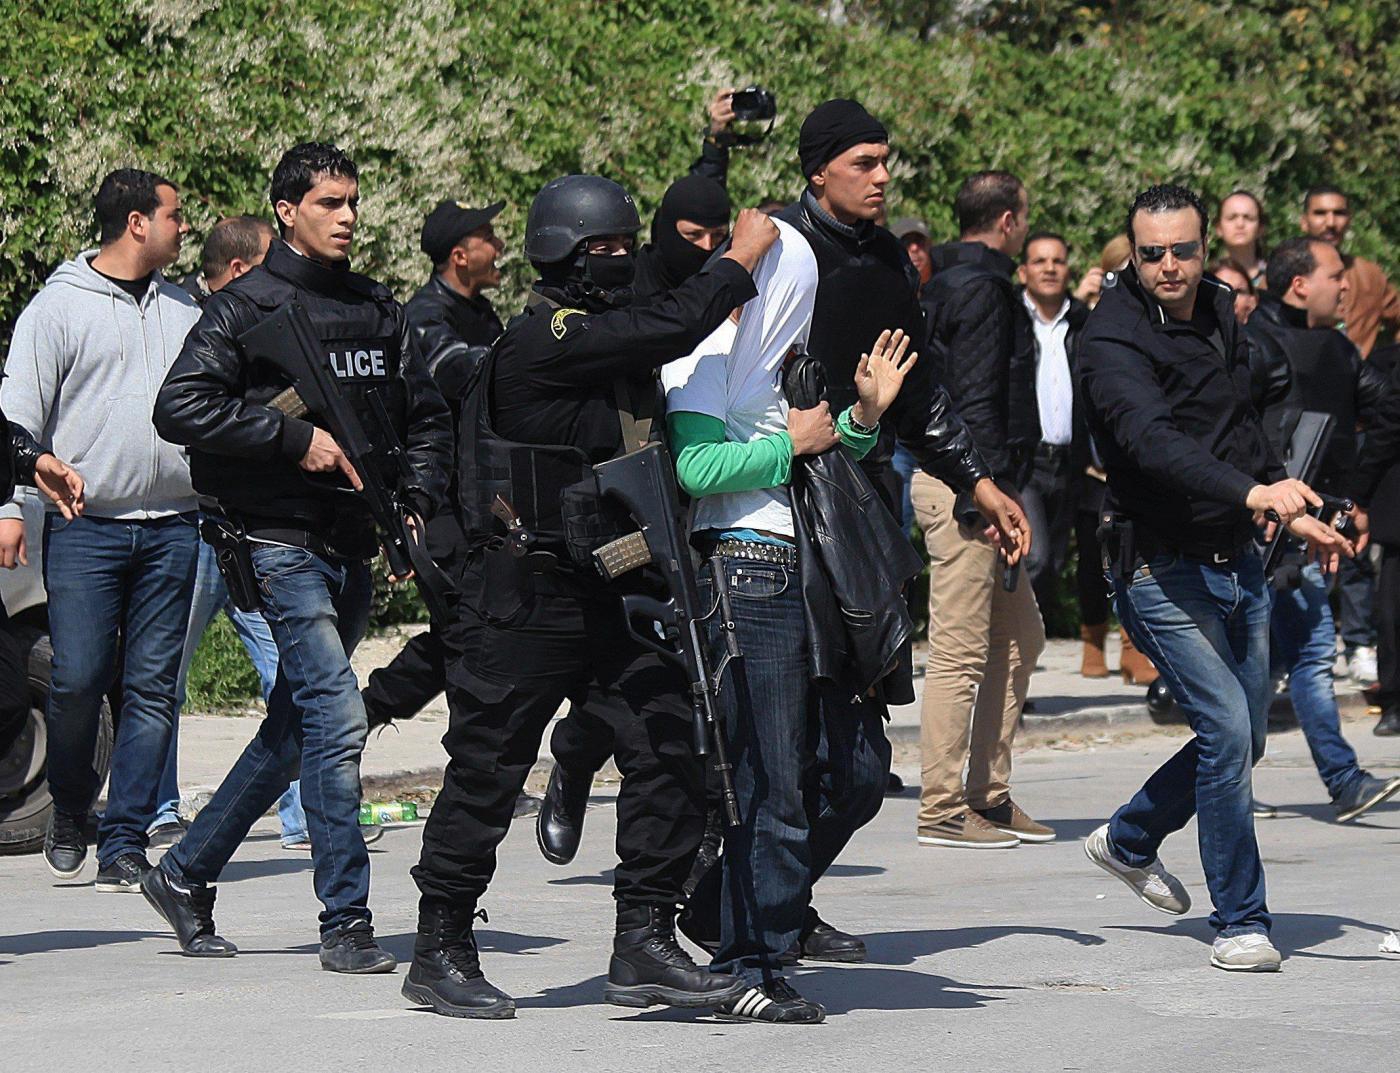 Terrore a Tunisi   Attacco al Museo Bardo   L'arresto di uno dei terroristi